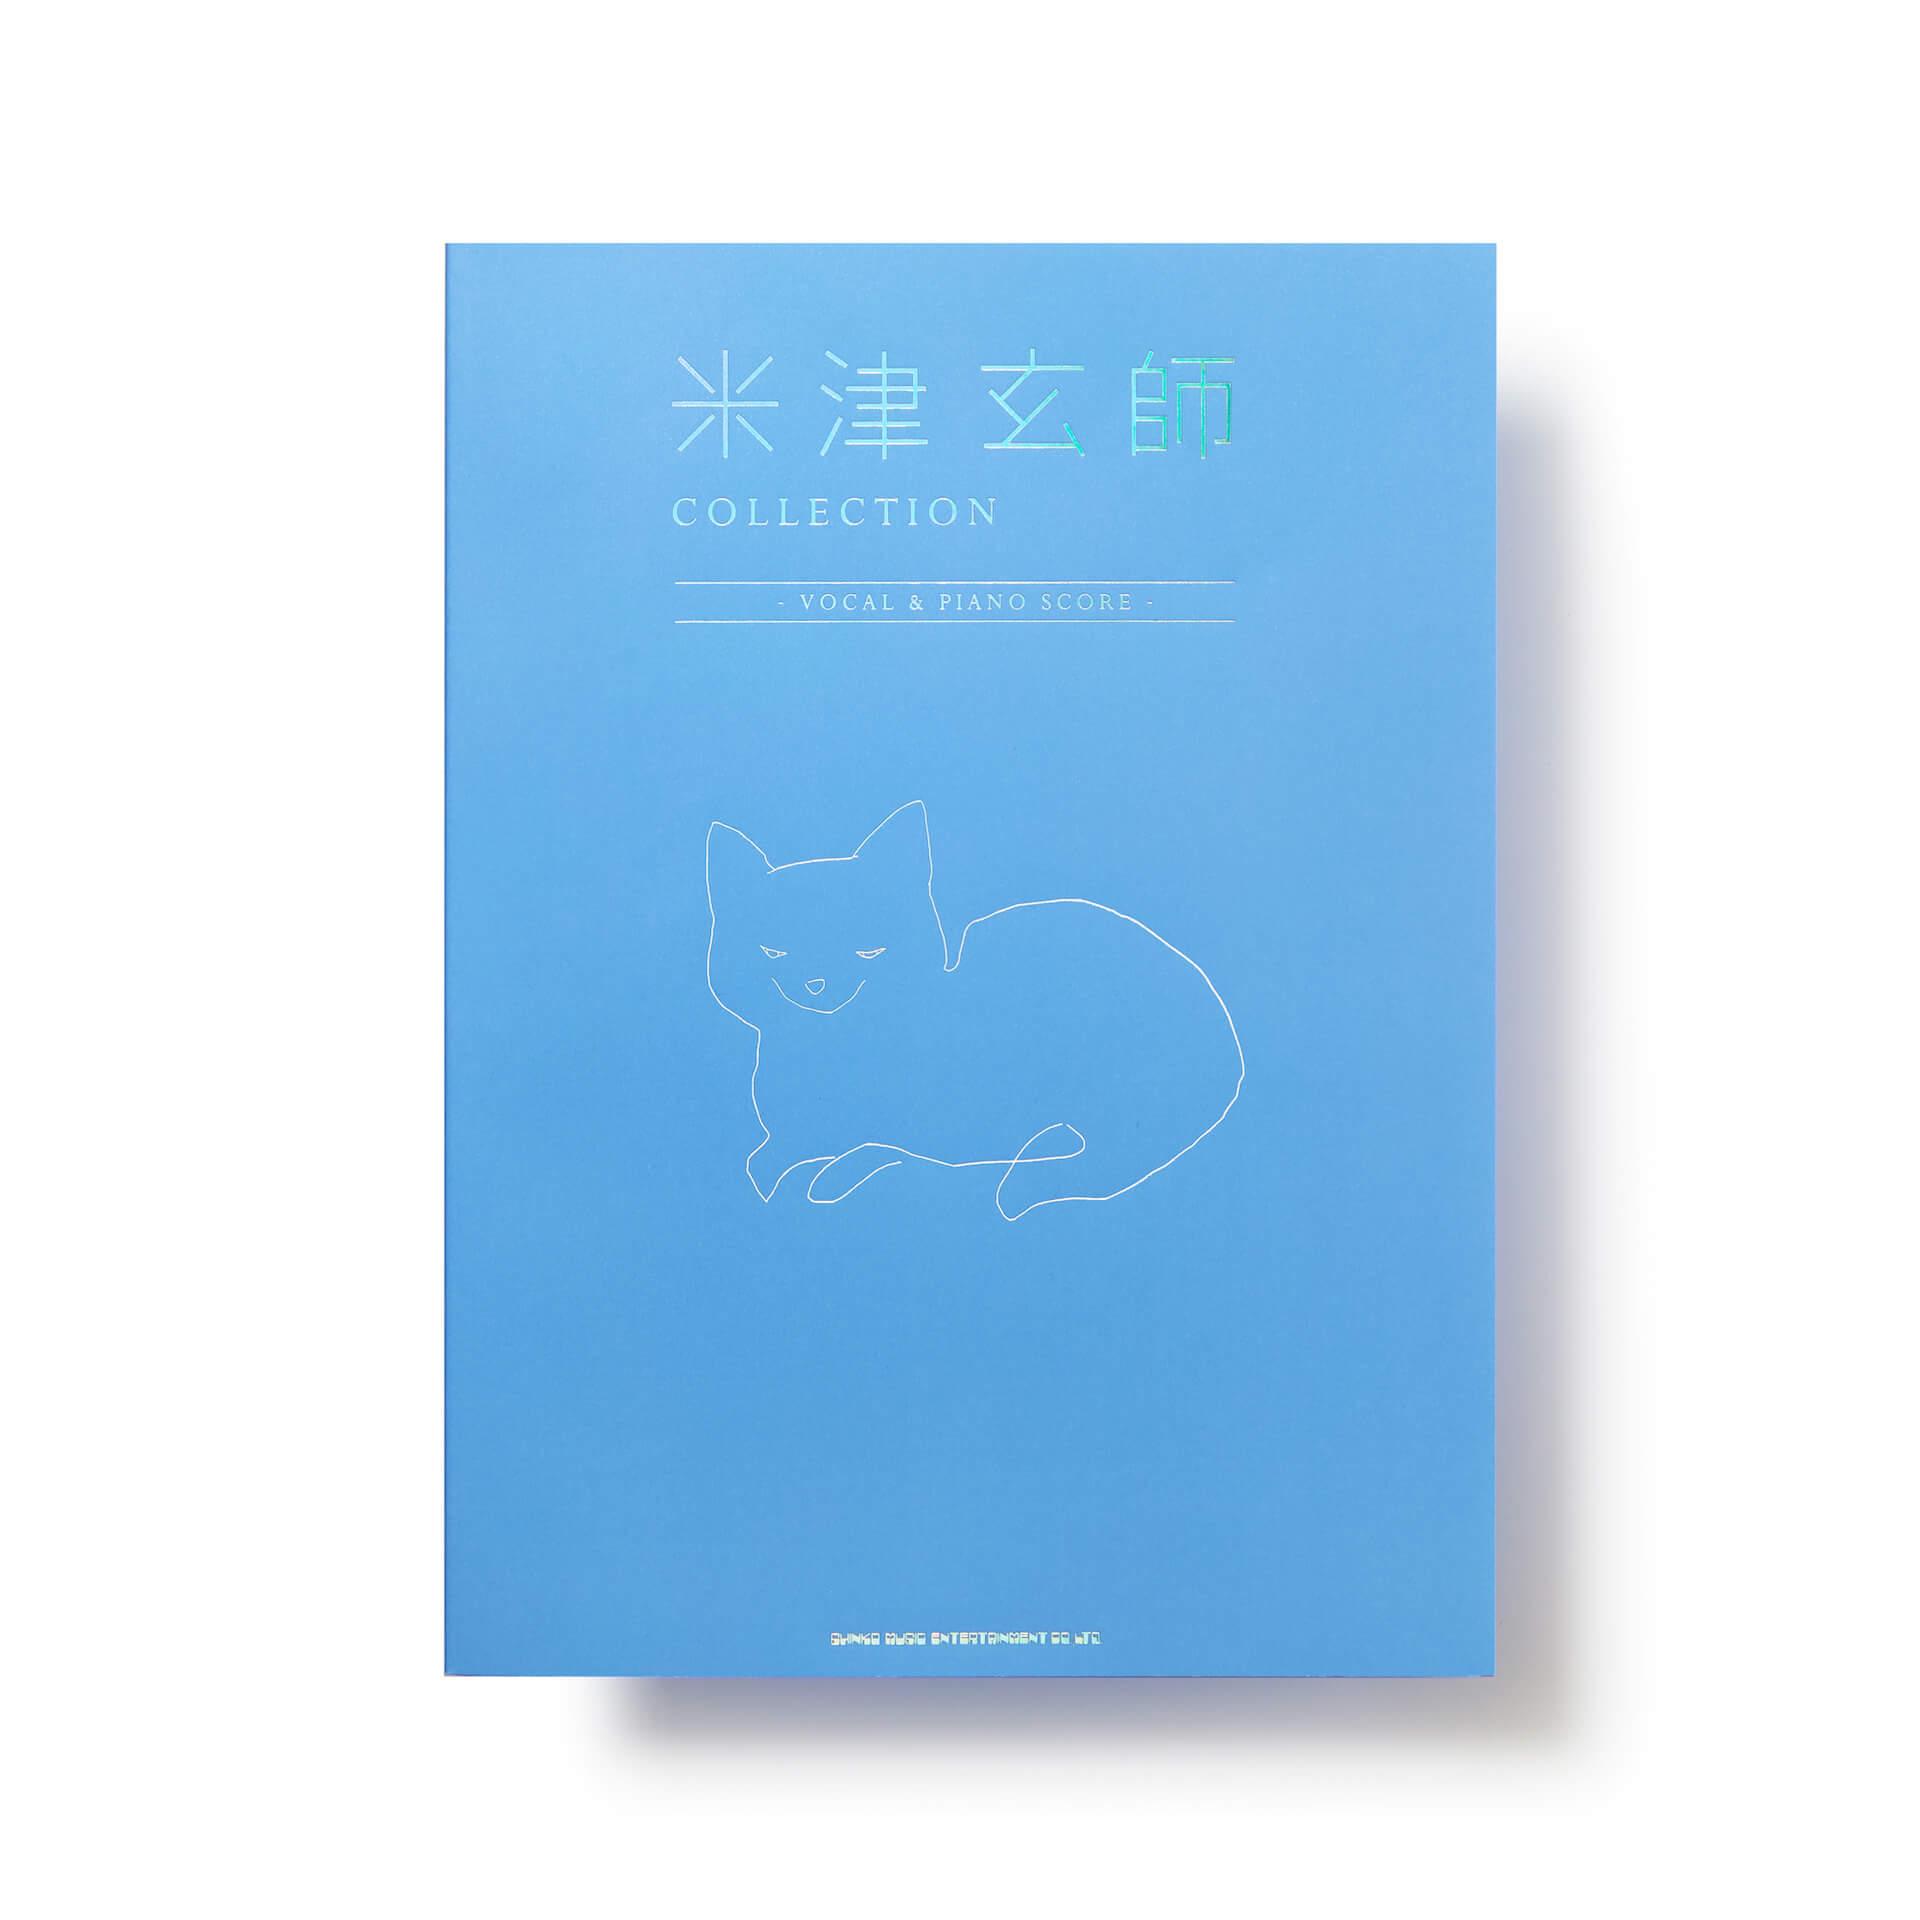 米津玄師『STRAY SHEEP』のスコアブック5冊が発売決定!「米津玄師COLLECTION」となるピアノスコアも music210709_yonezukenshi_scorebook_6